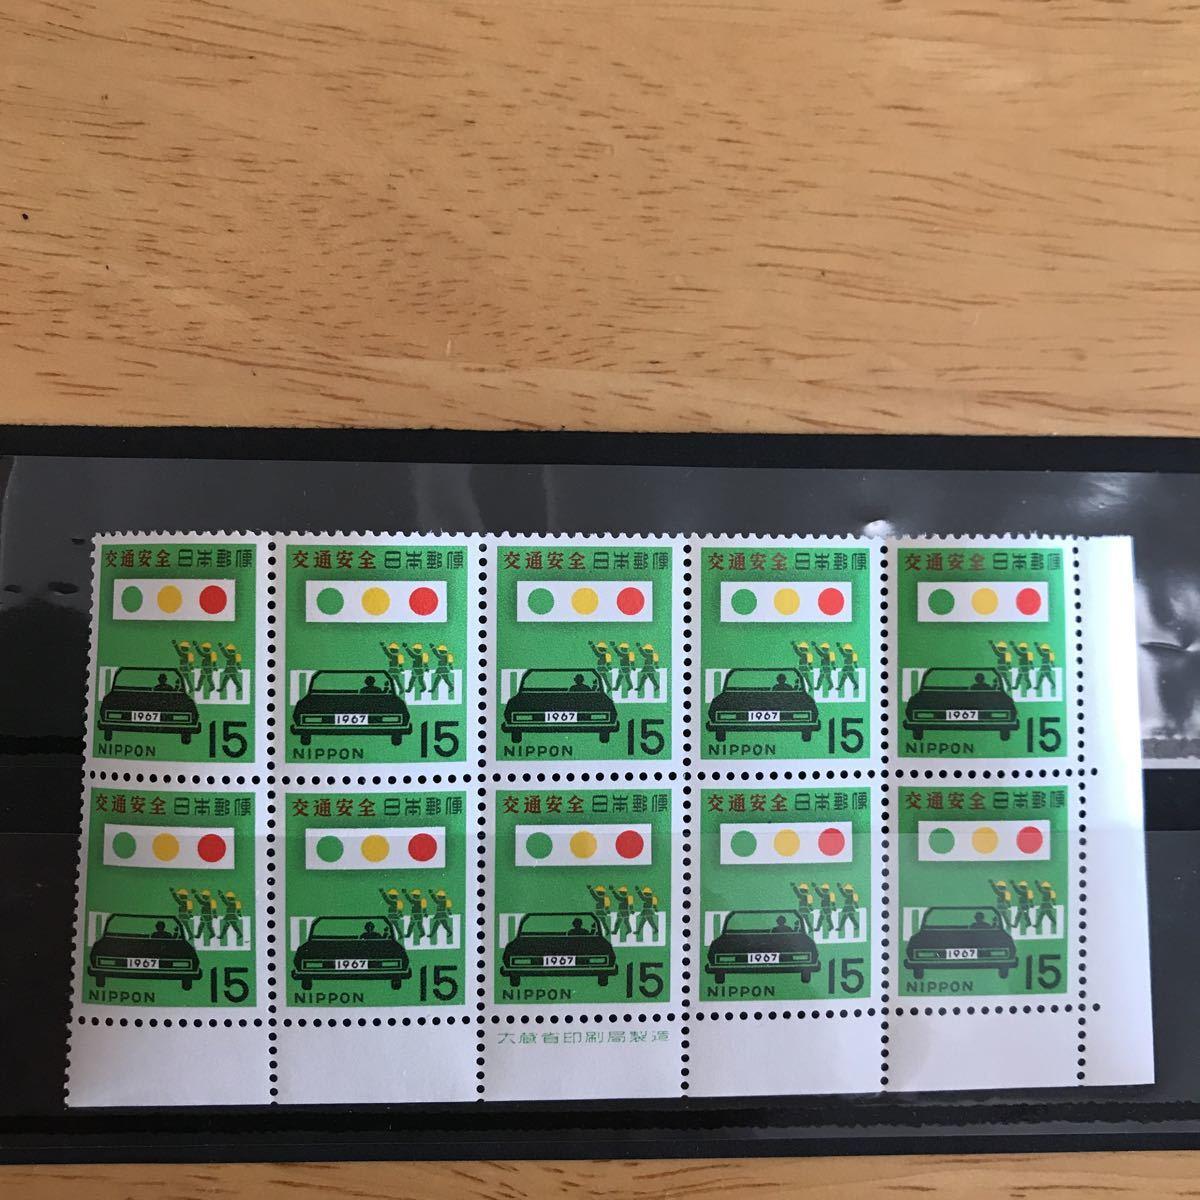 【未使用】 切手 ブロック 交通安全 1967年 15円x10枚 額面150円 銘版付き_画像9